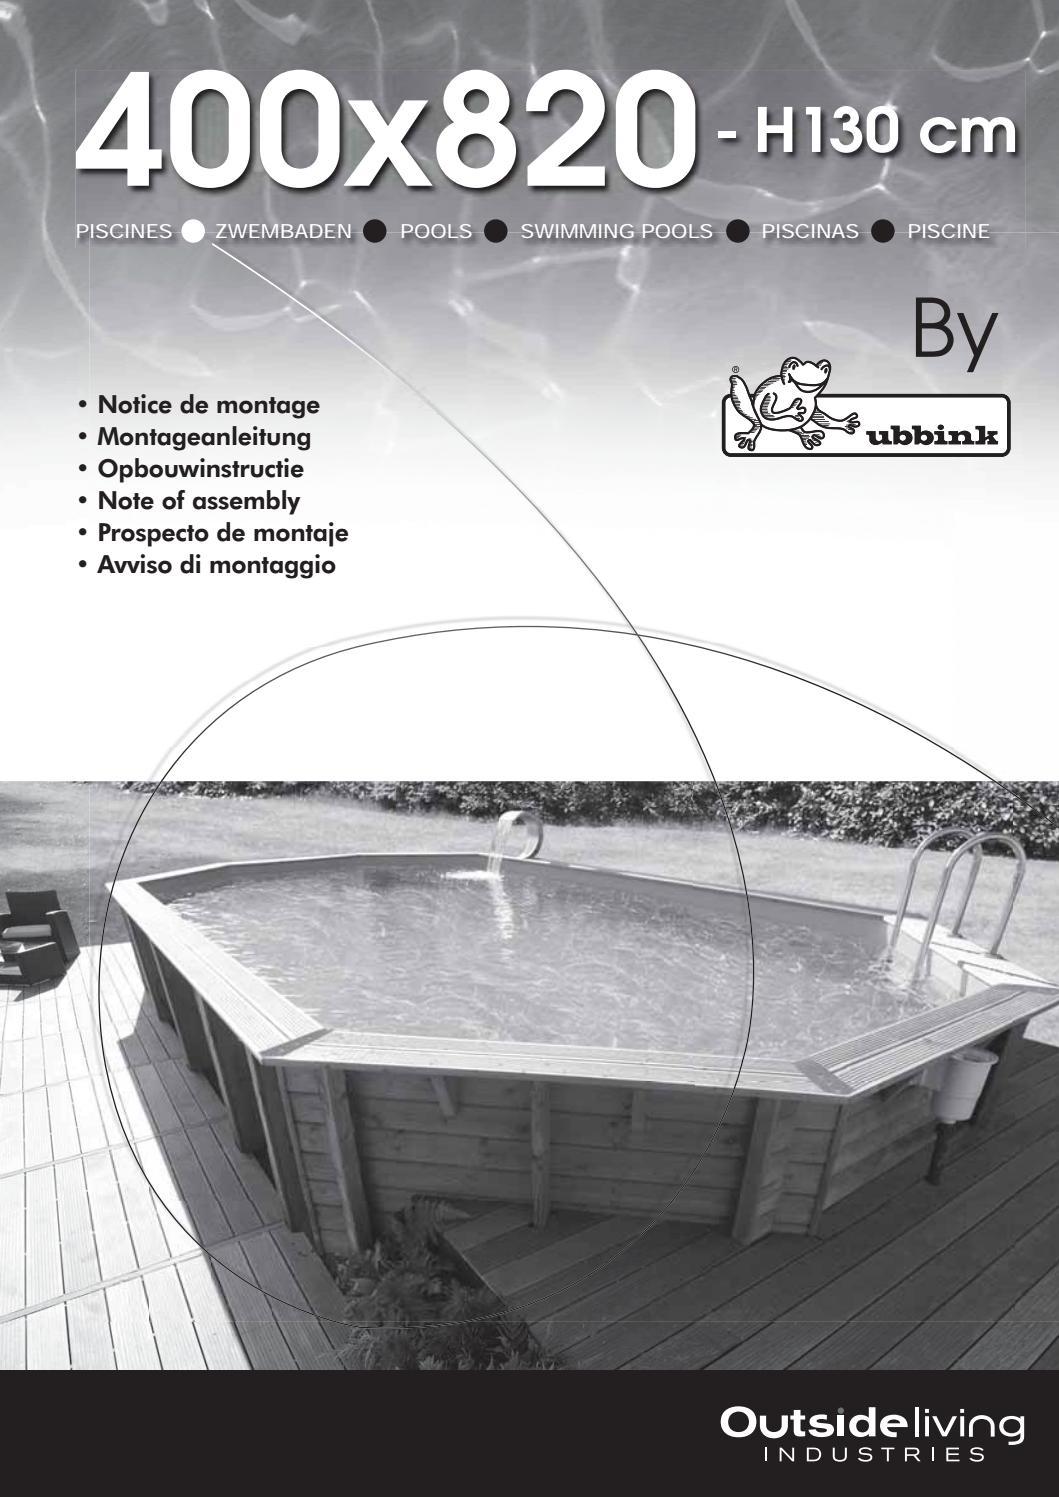 Notice 400X820 - H130-2018_1 K.pdf By ____ - Issuu destiné Filtre A Sable Piscine Mode D Emploi